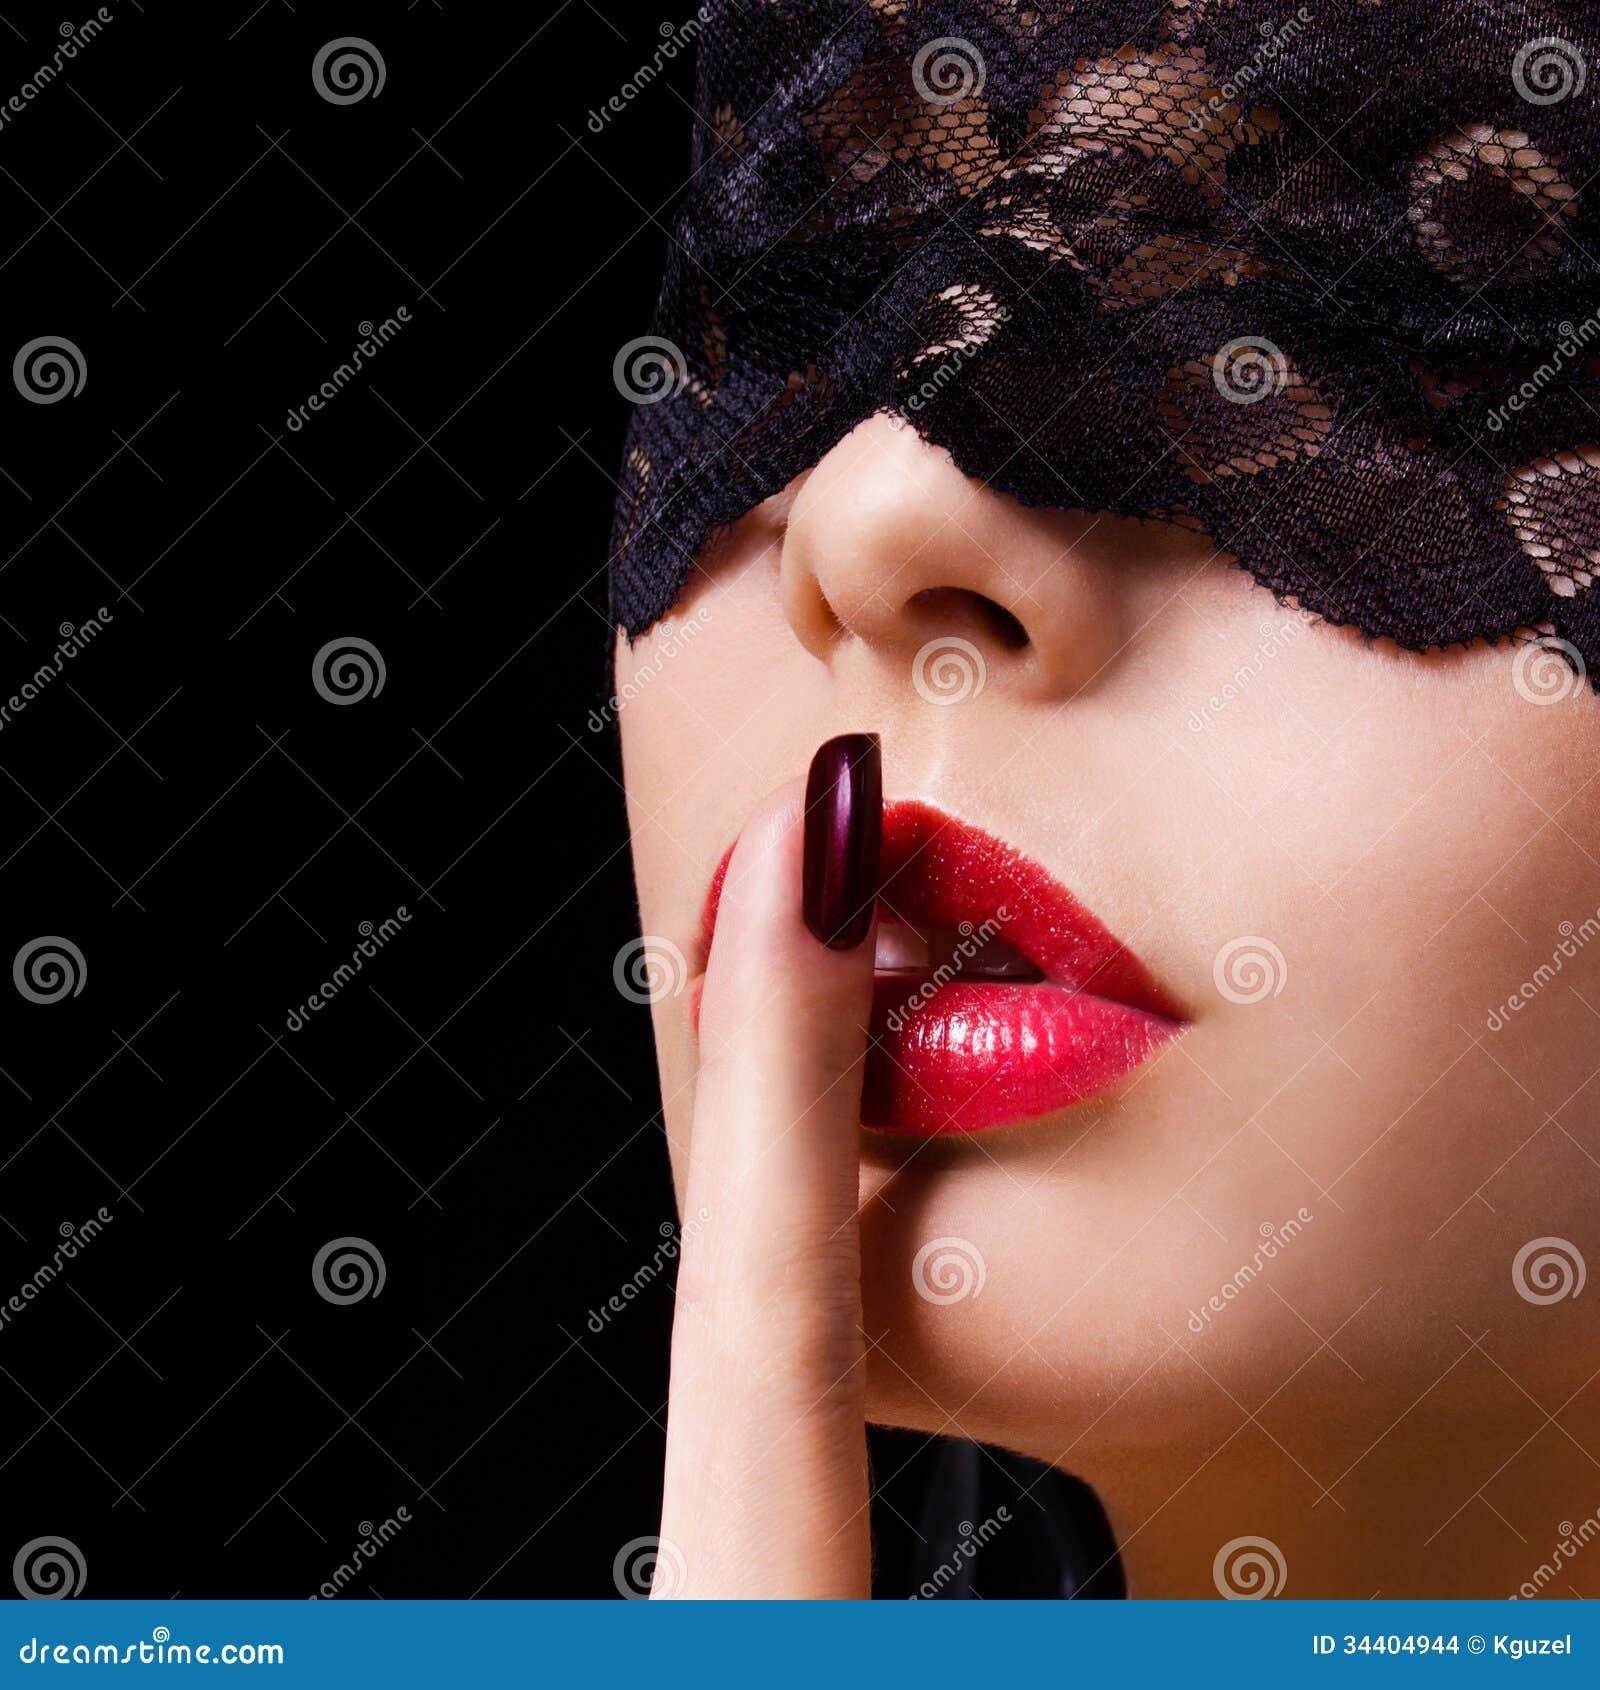 Hyssja. Den sexiga kvinnan med fingret på hennes röda kantuppvisning hyssjar ner. Den erotiska flickan med snör åt maskeringen öve